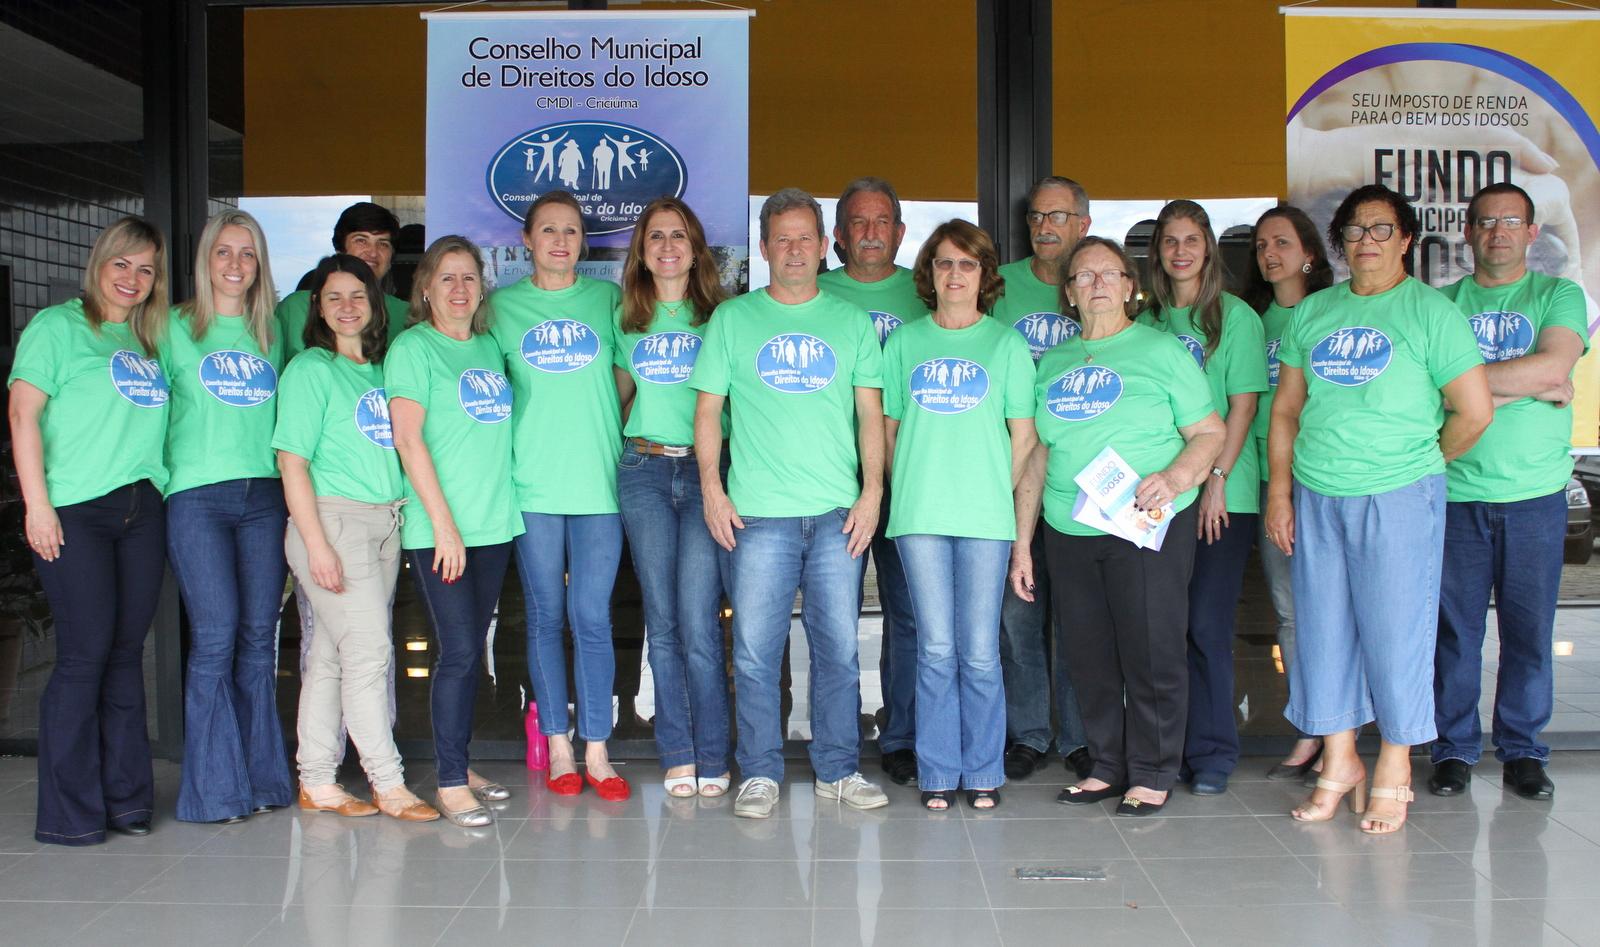 Conselho Municipal de Direitos do Idoso de Criciúma lança site nesta quinta-feira